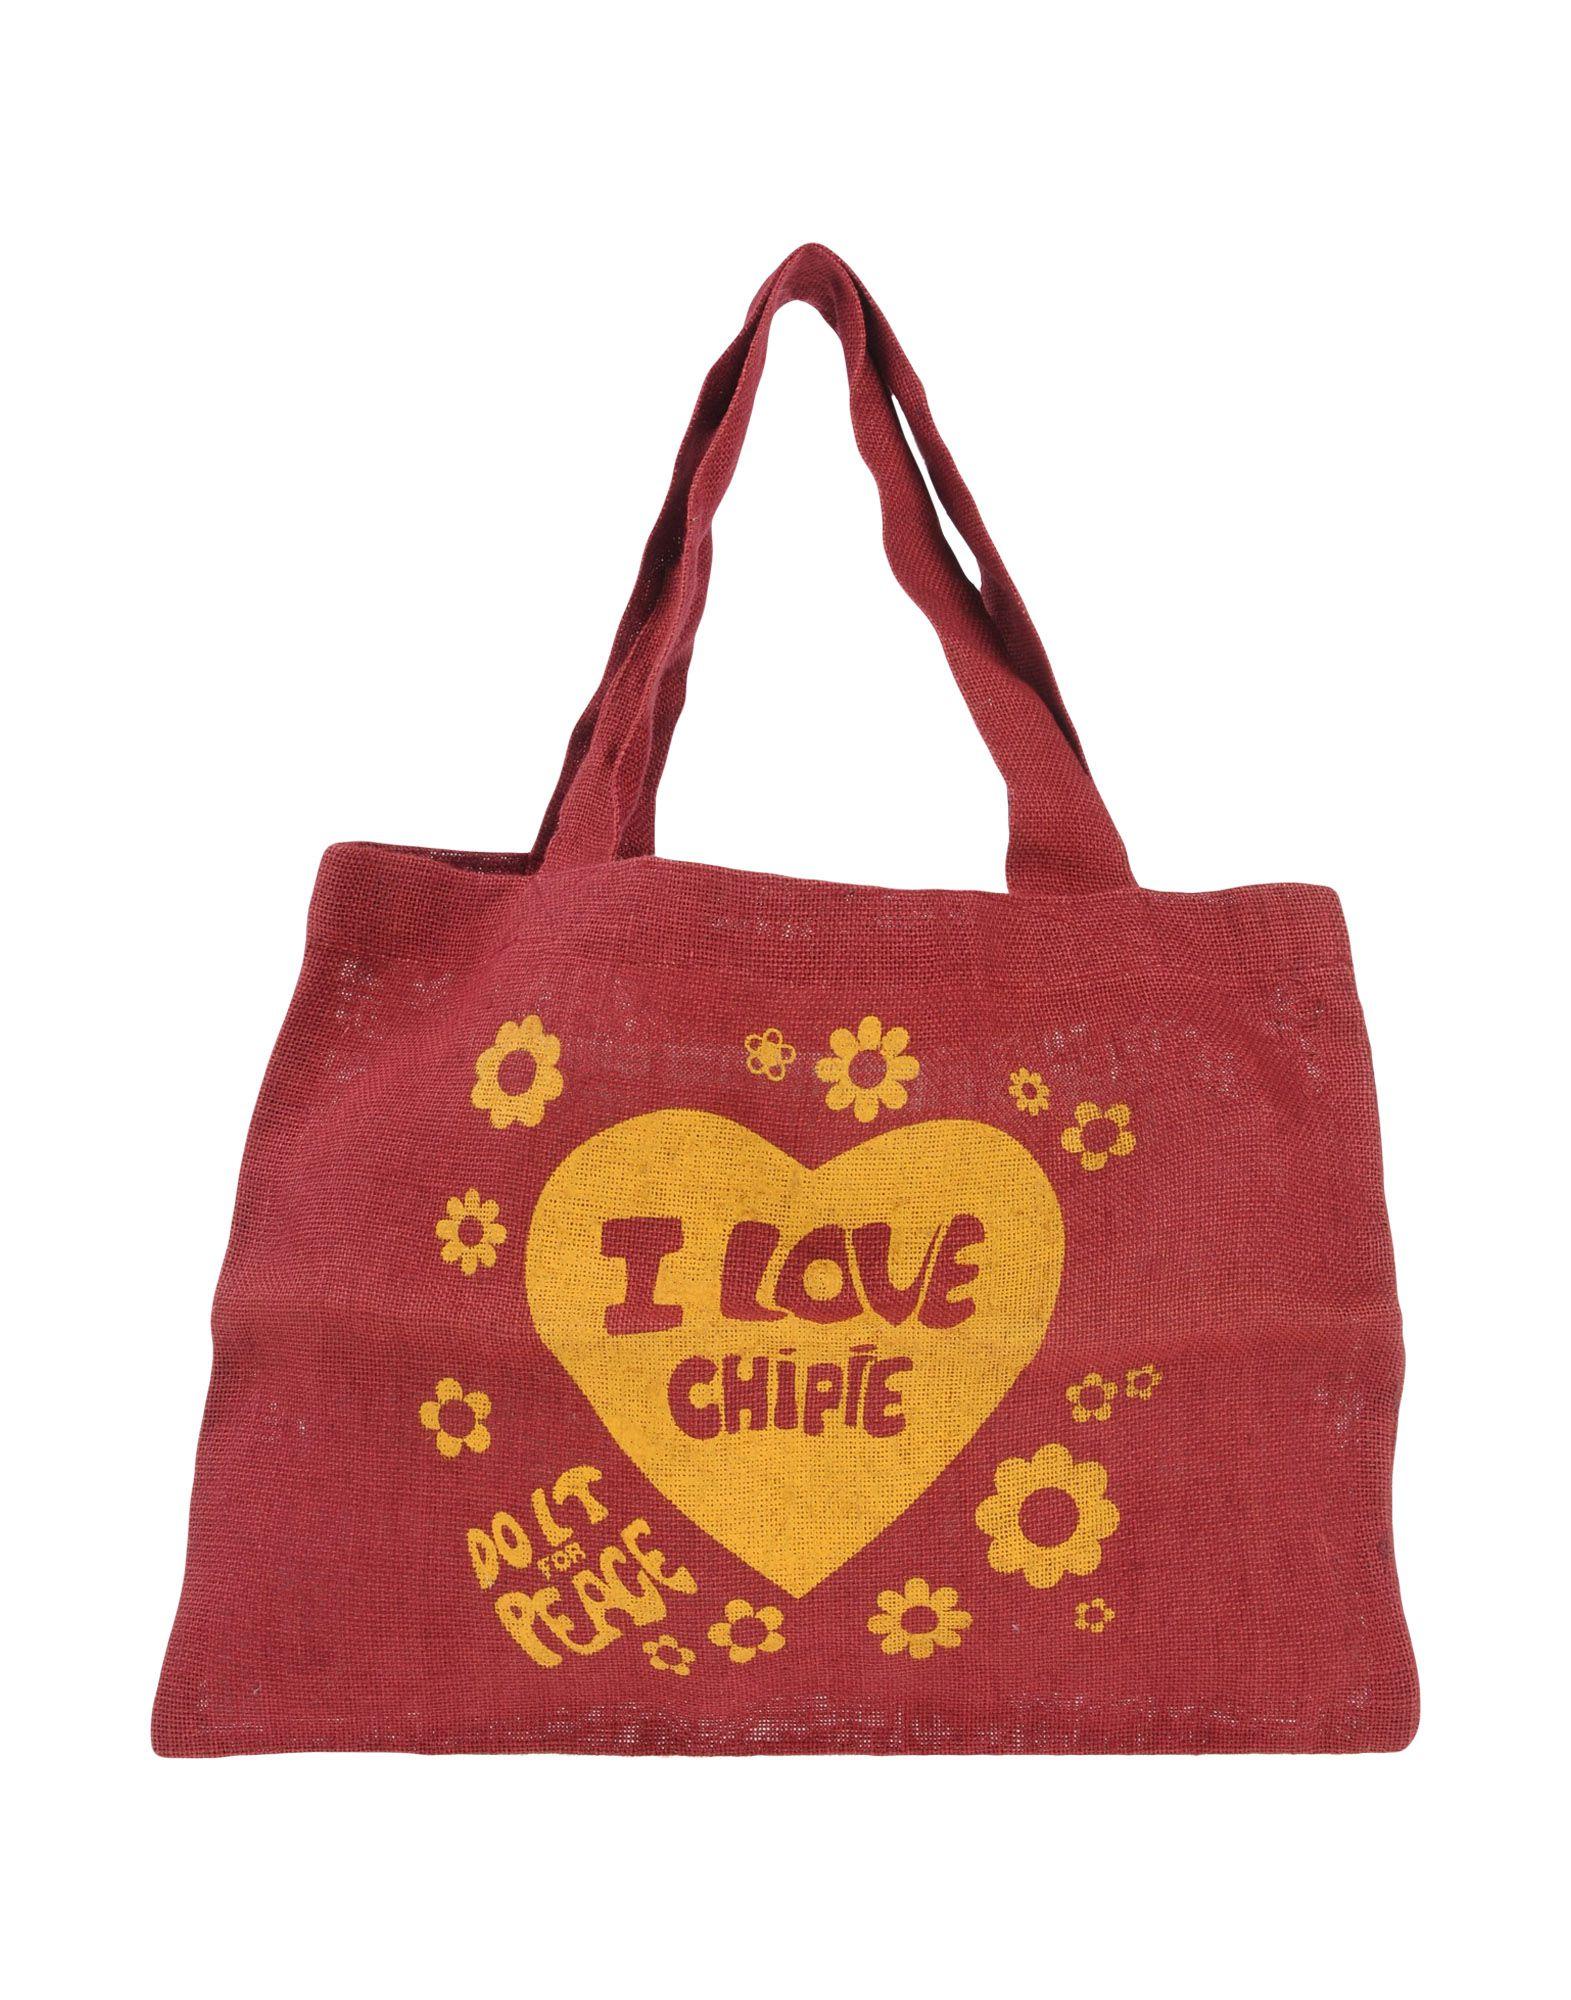 《送料無料》CHIPIE レディース ハンドバッグ ボルドー 紡績繊維